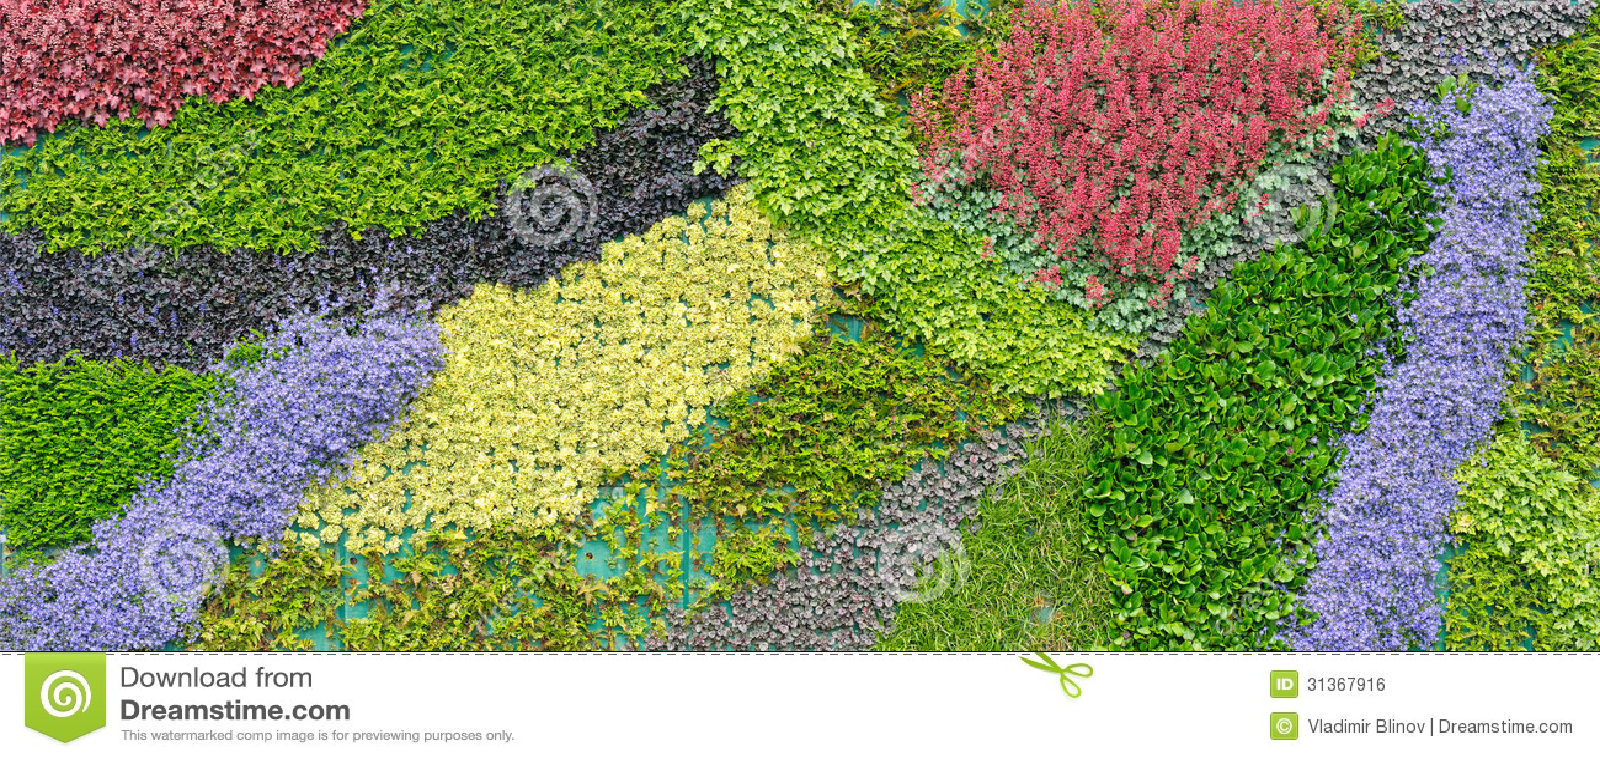 Mehrfarbiger Teppich Von Lebenden Pflanzen Lizenzfreies